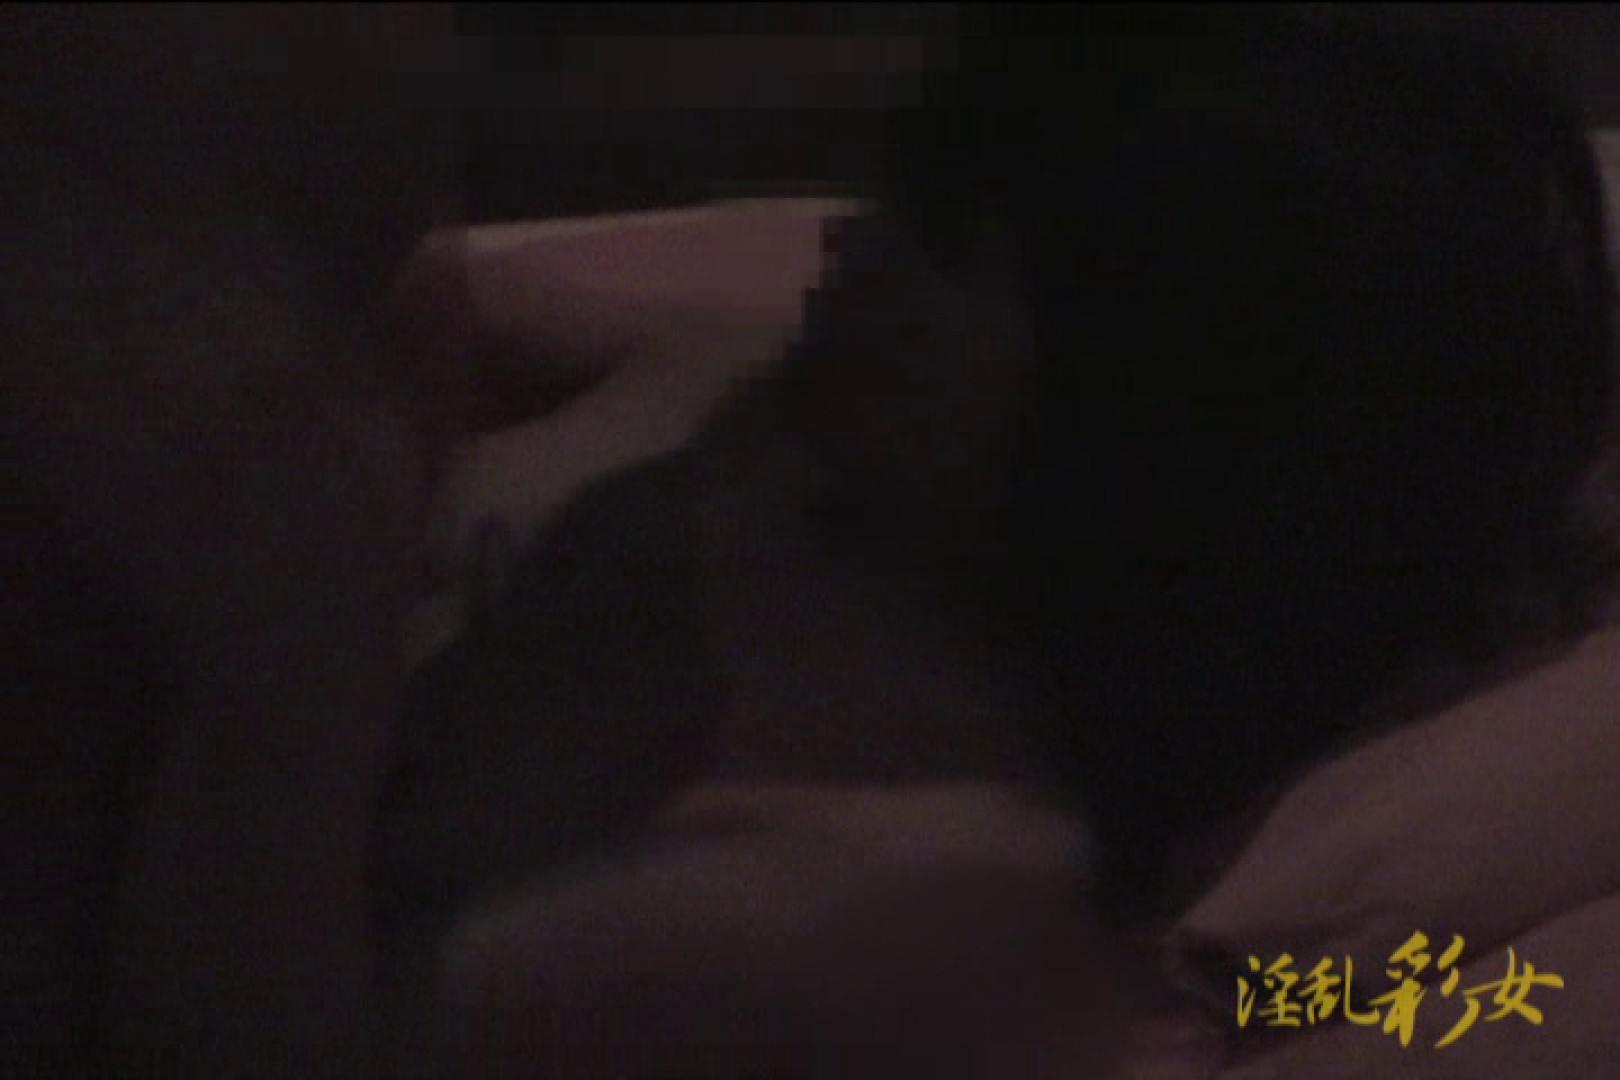 淫乱彩女 麻優里 旦那の前で王様ゲーム お姉さん達のSEX | 淫乱  108枚 97